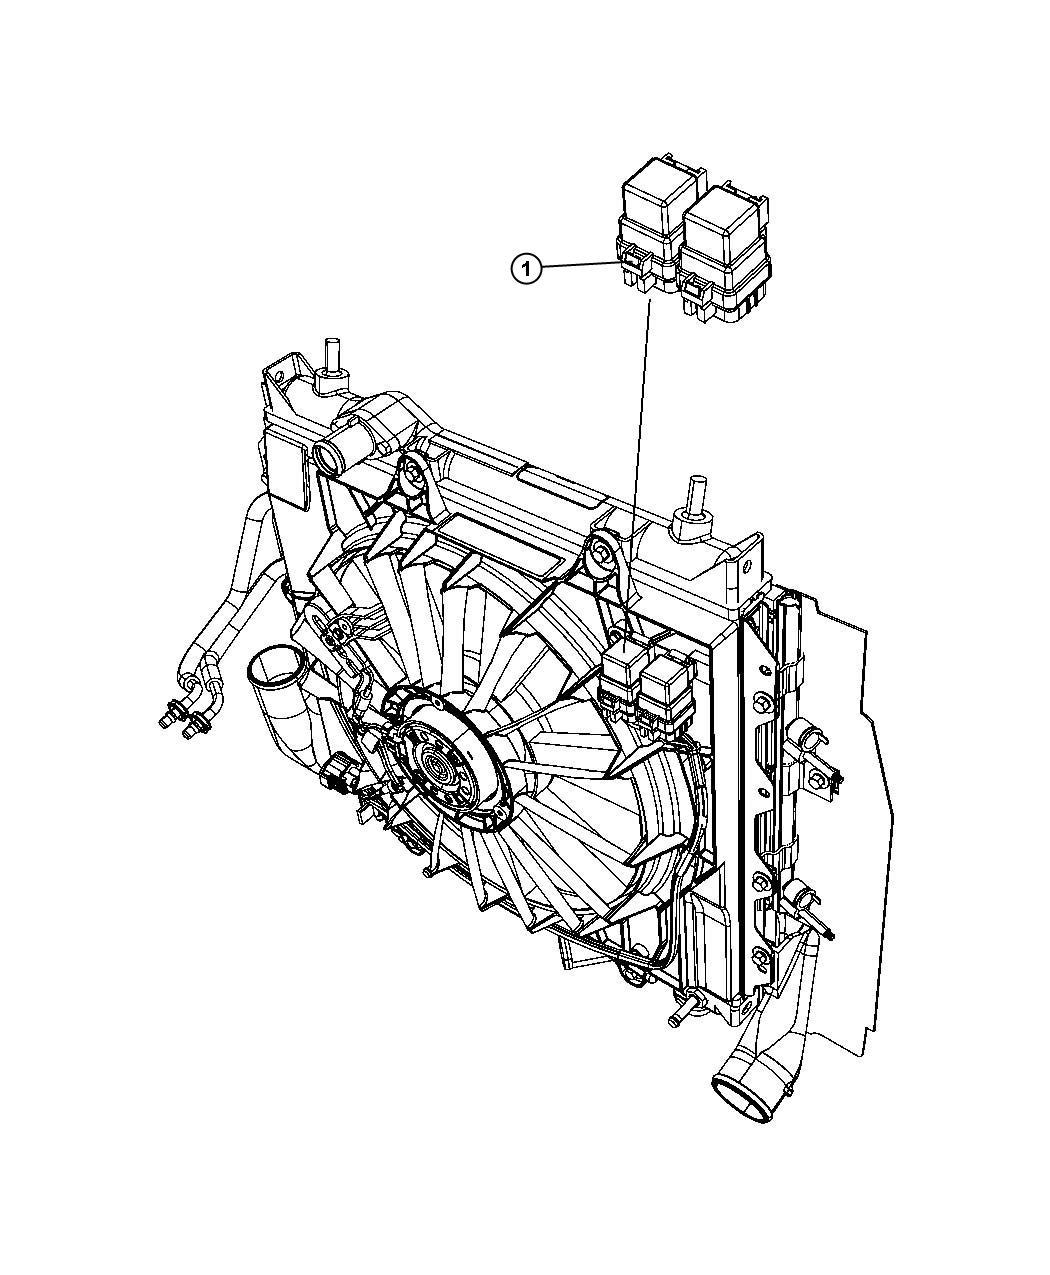 2001 Pt Cruiser Cooling Fan Wiring Diagram | Wiring Library - 2006 Pt Cruiser Cooling Fan Wiring Diagram